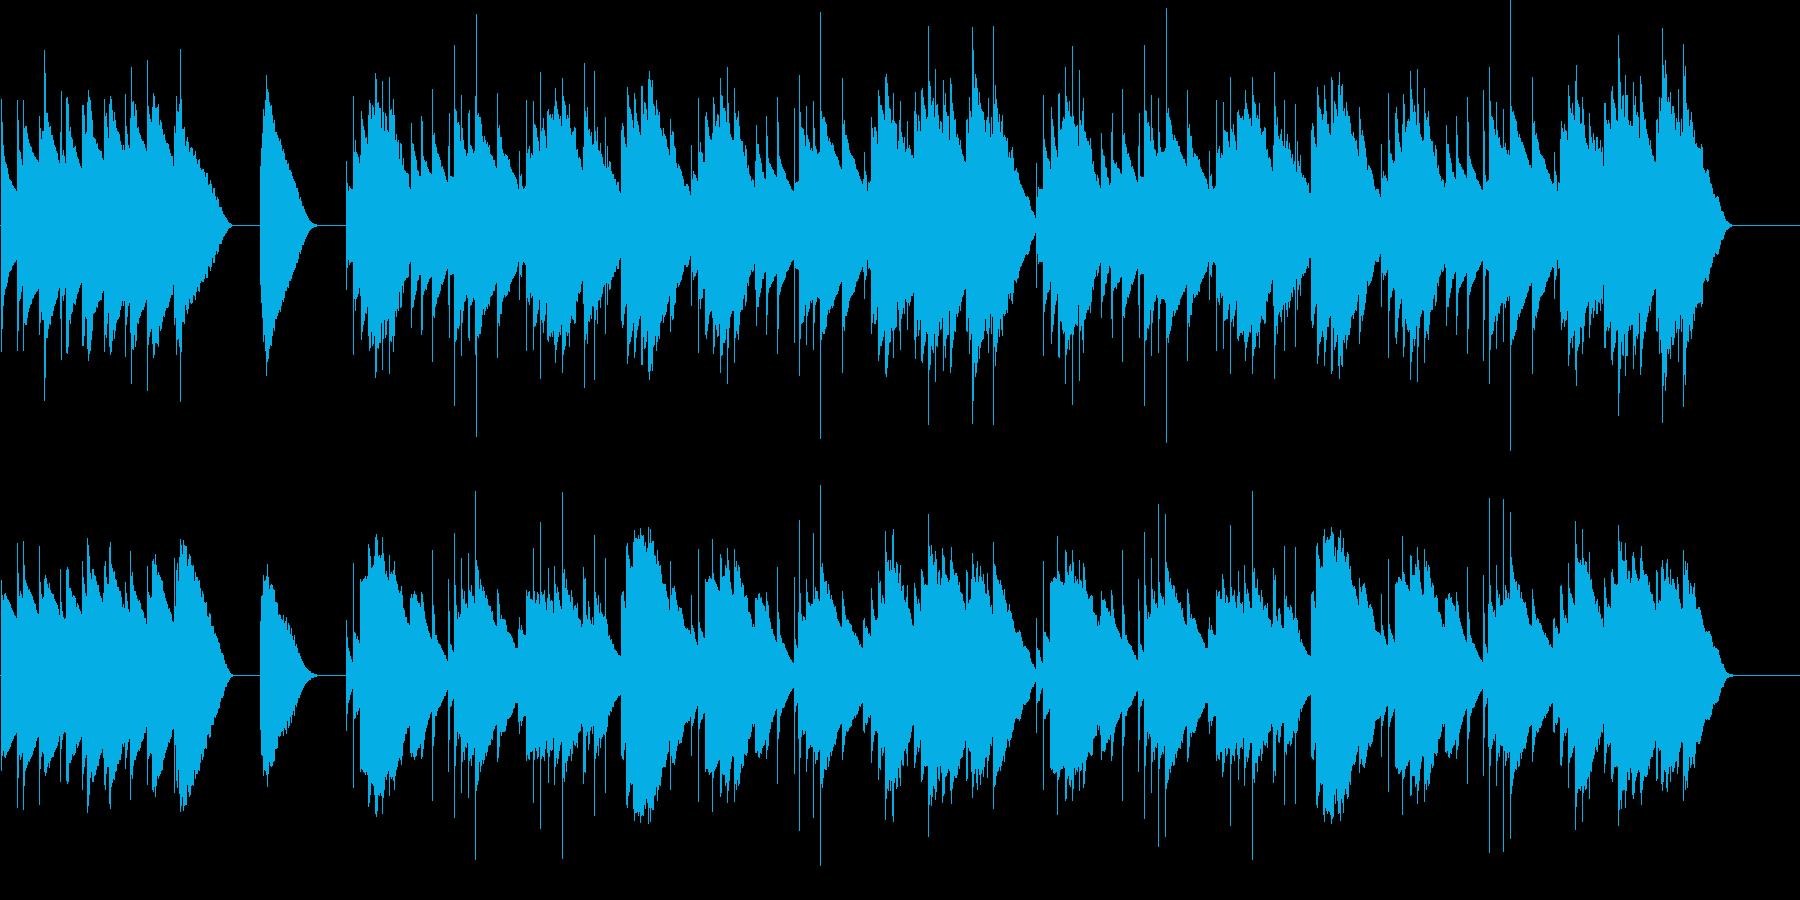 バダジェフスカ 乙女の祈り オルゴールの再生済みの波形